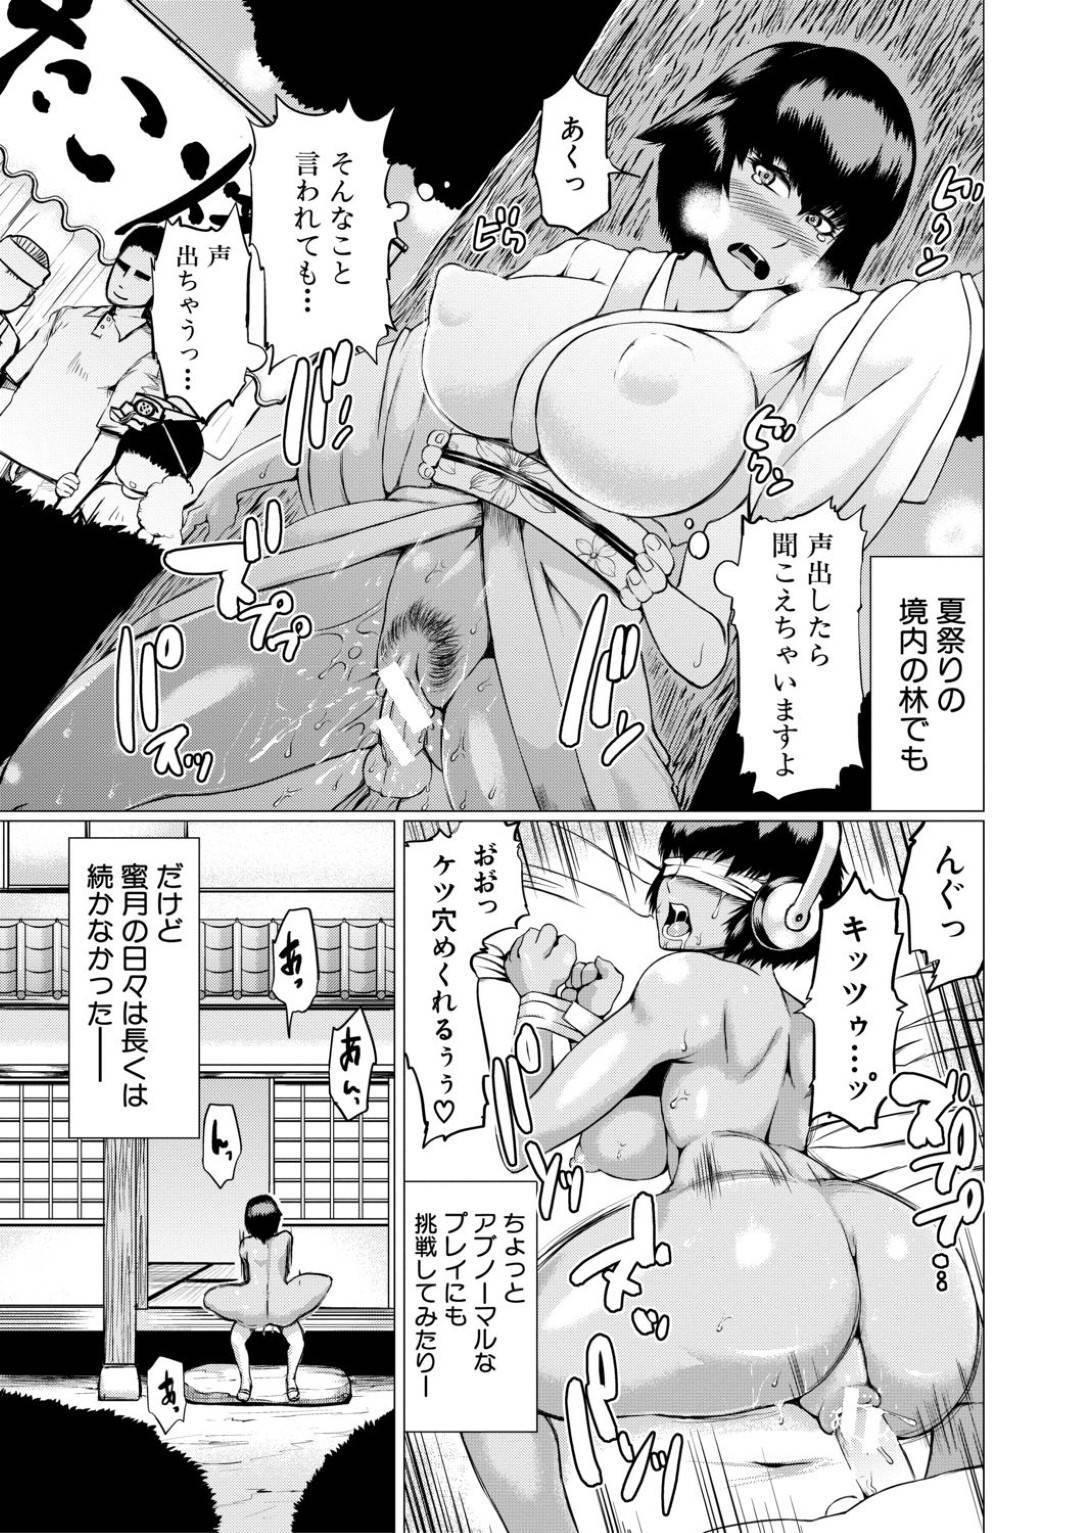 【エロ漫画】夏に田舎へと遊びに来たショタを風呂に入れた巨乳褐色叔母…酔った彼女は彼が風呂に入っているところに乱入し、授乳手コキしたり、クンニさせたりと甘々プレイし、バックや正常位で中出しセックスしまくる。【黄猿:夏のまぼろし】